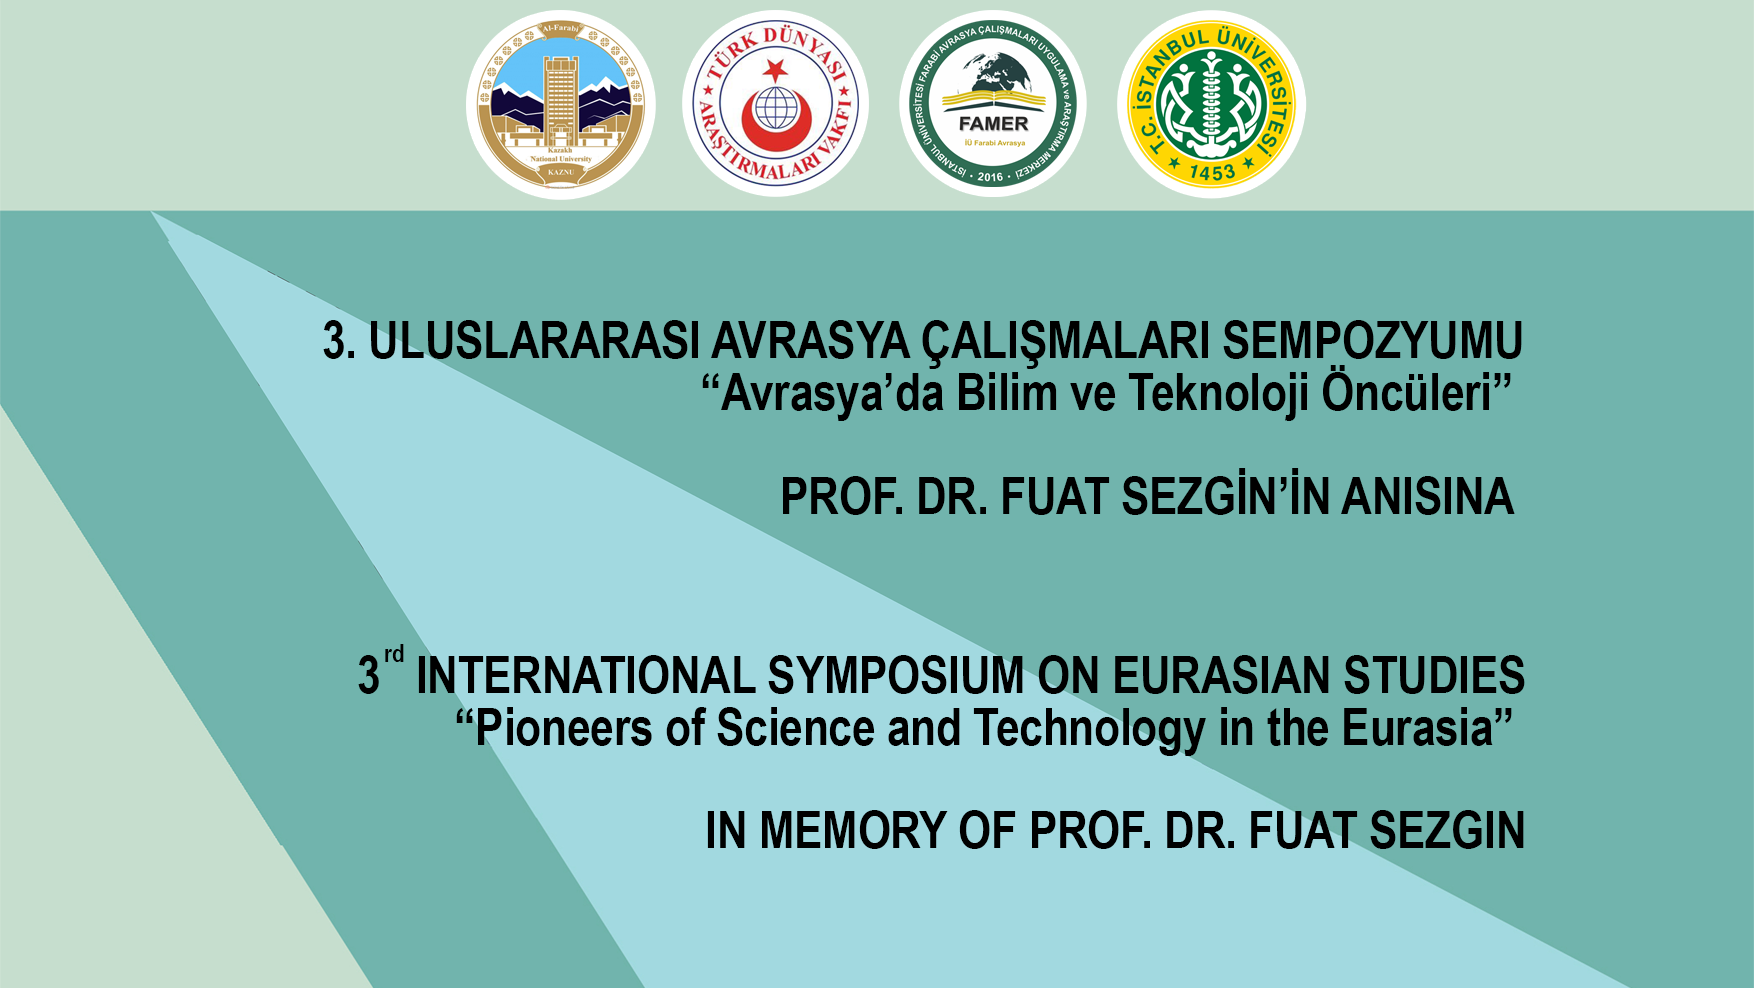 sempozyum avrasya famer uluslararası bilim-ve-teknoloji öncüler kongre konferans